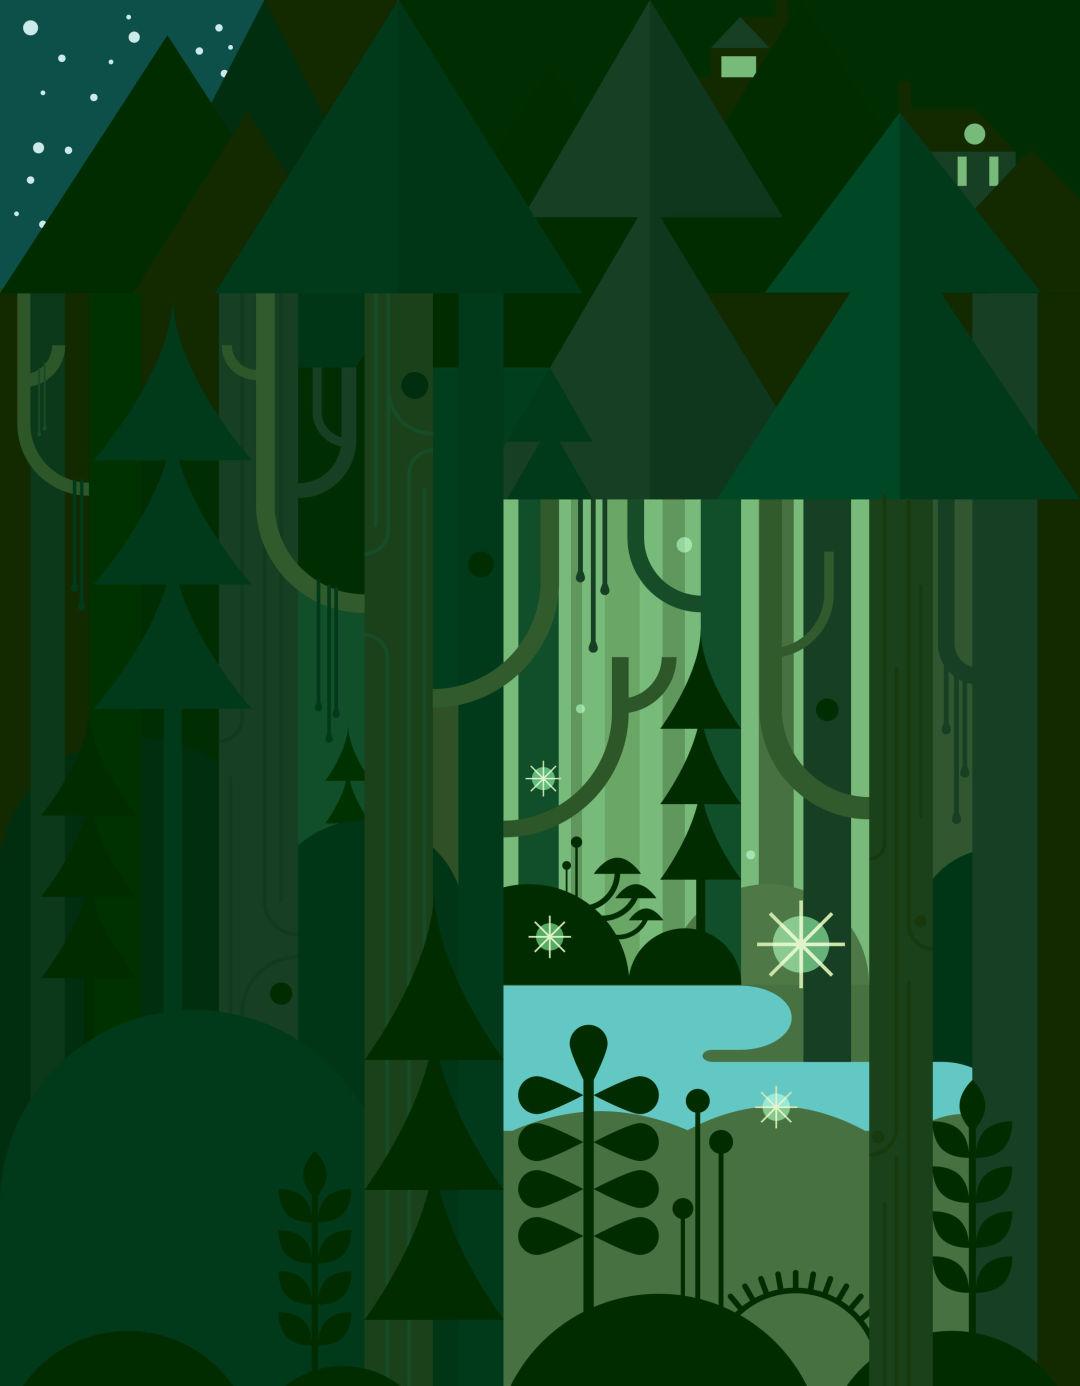 Pomo 1216 mt tabor spring illustration fedtvk